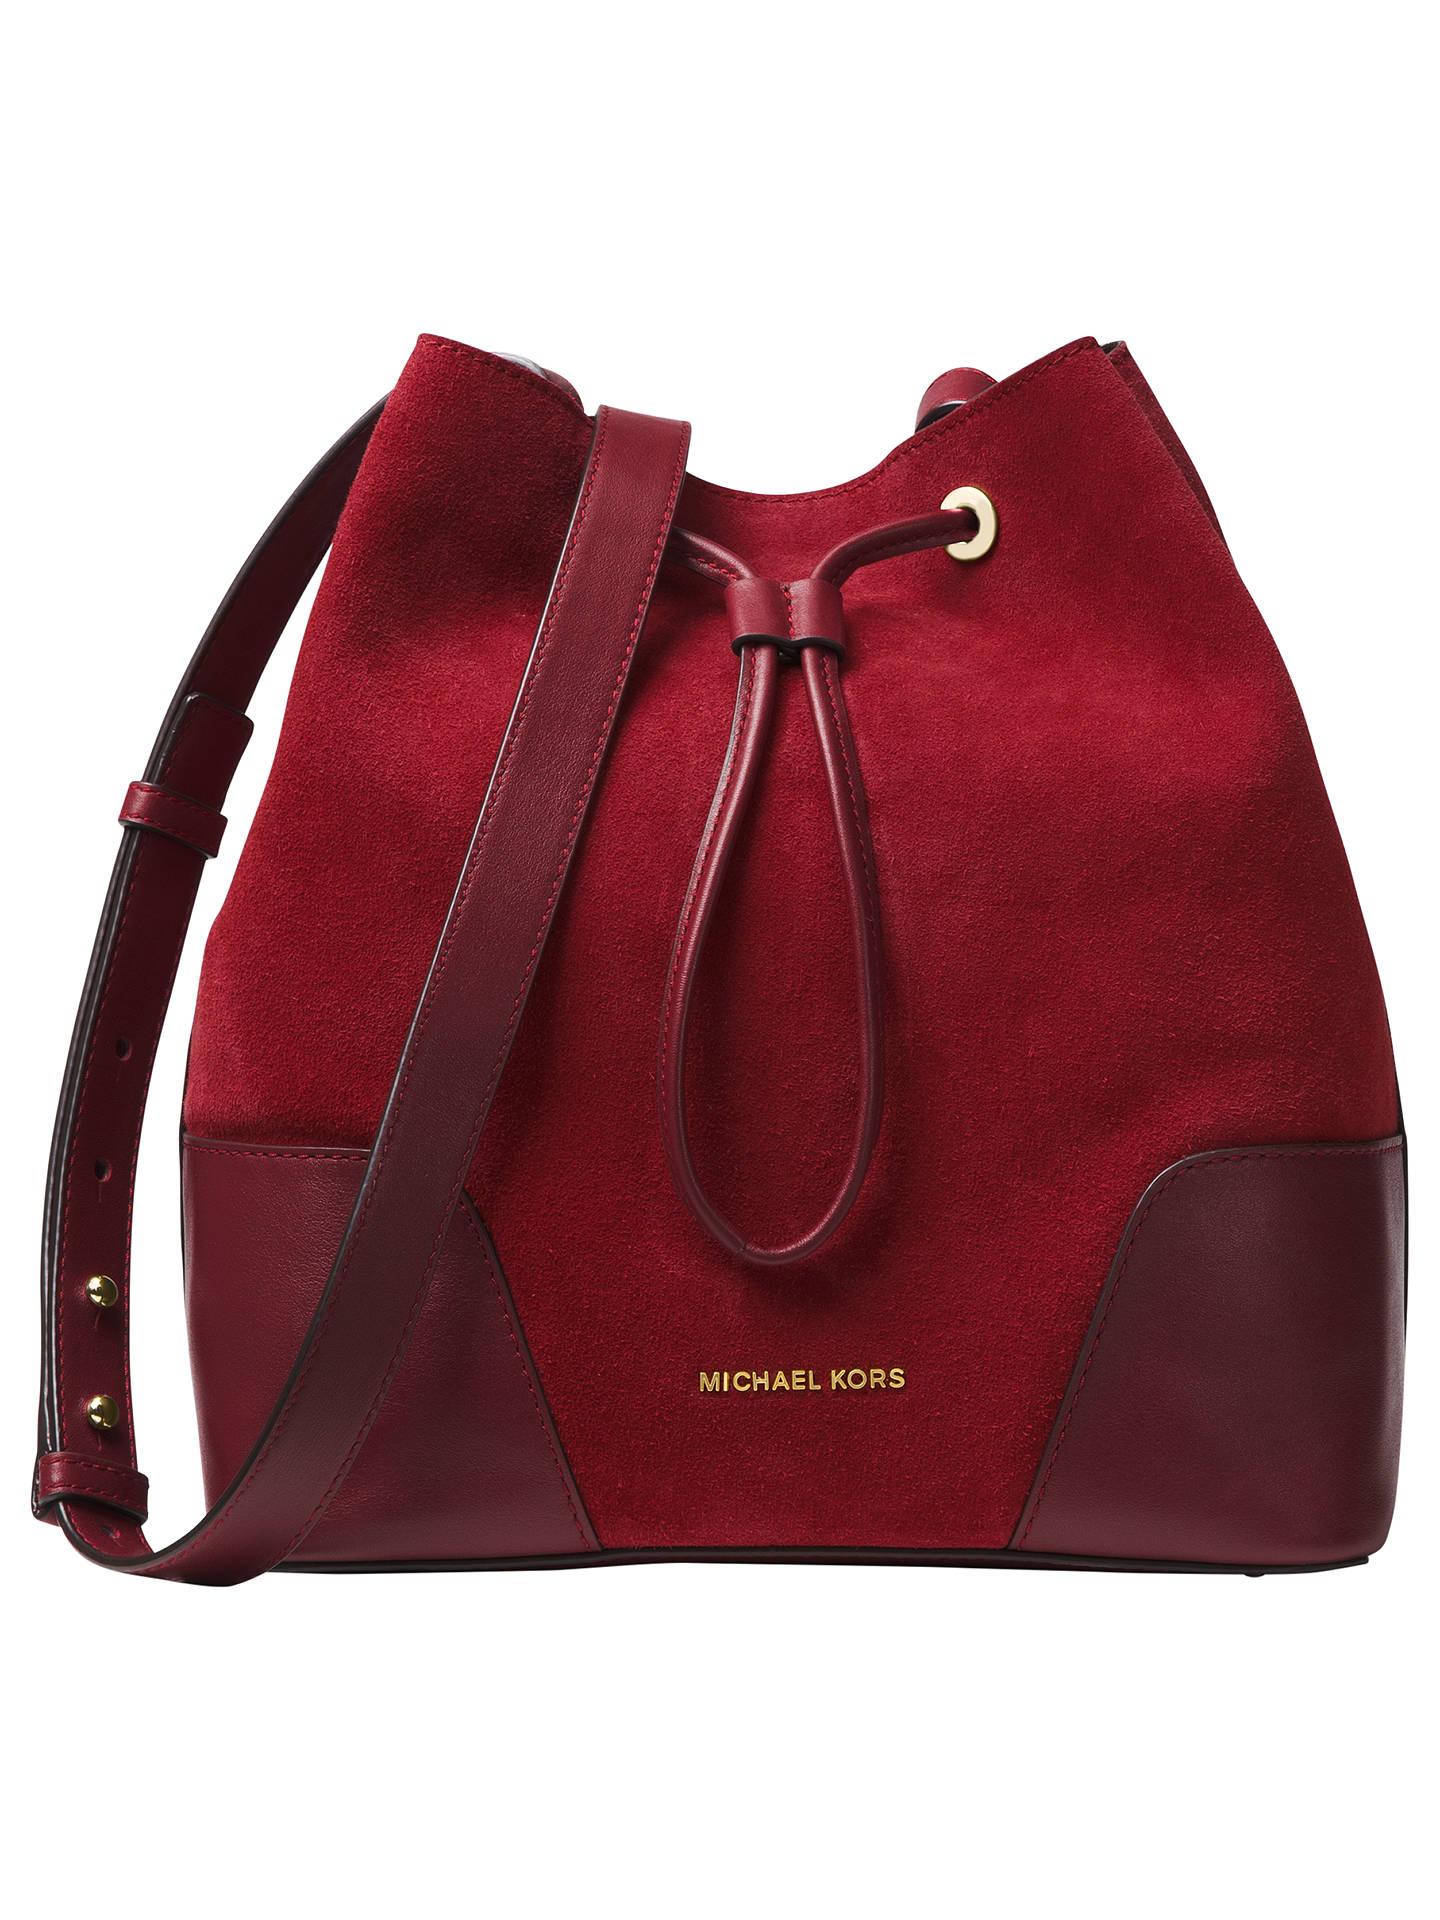 4893331b38bd Buy MICHAEL Michael Kors Cary Medium Suede Bucket Bag, Oxblood/Maroon  Online at johnlewis ...